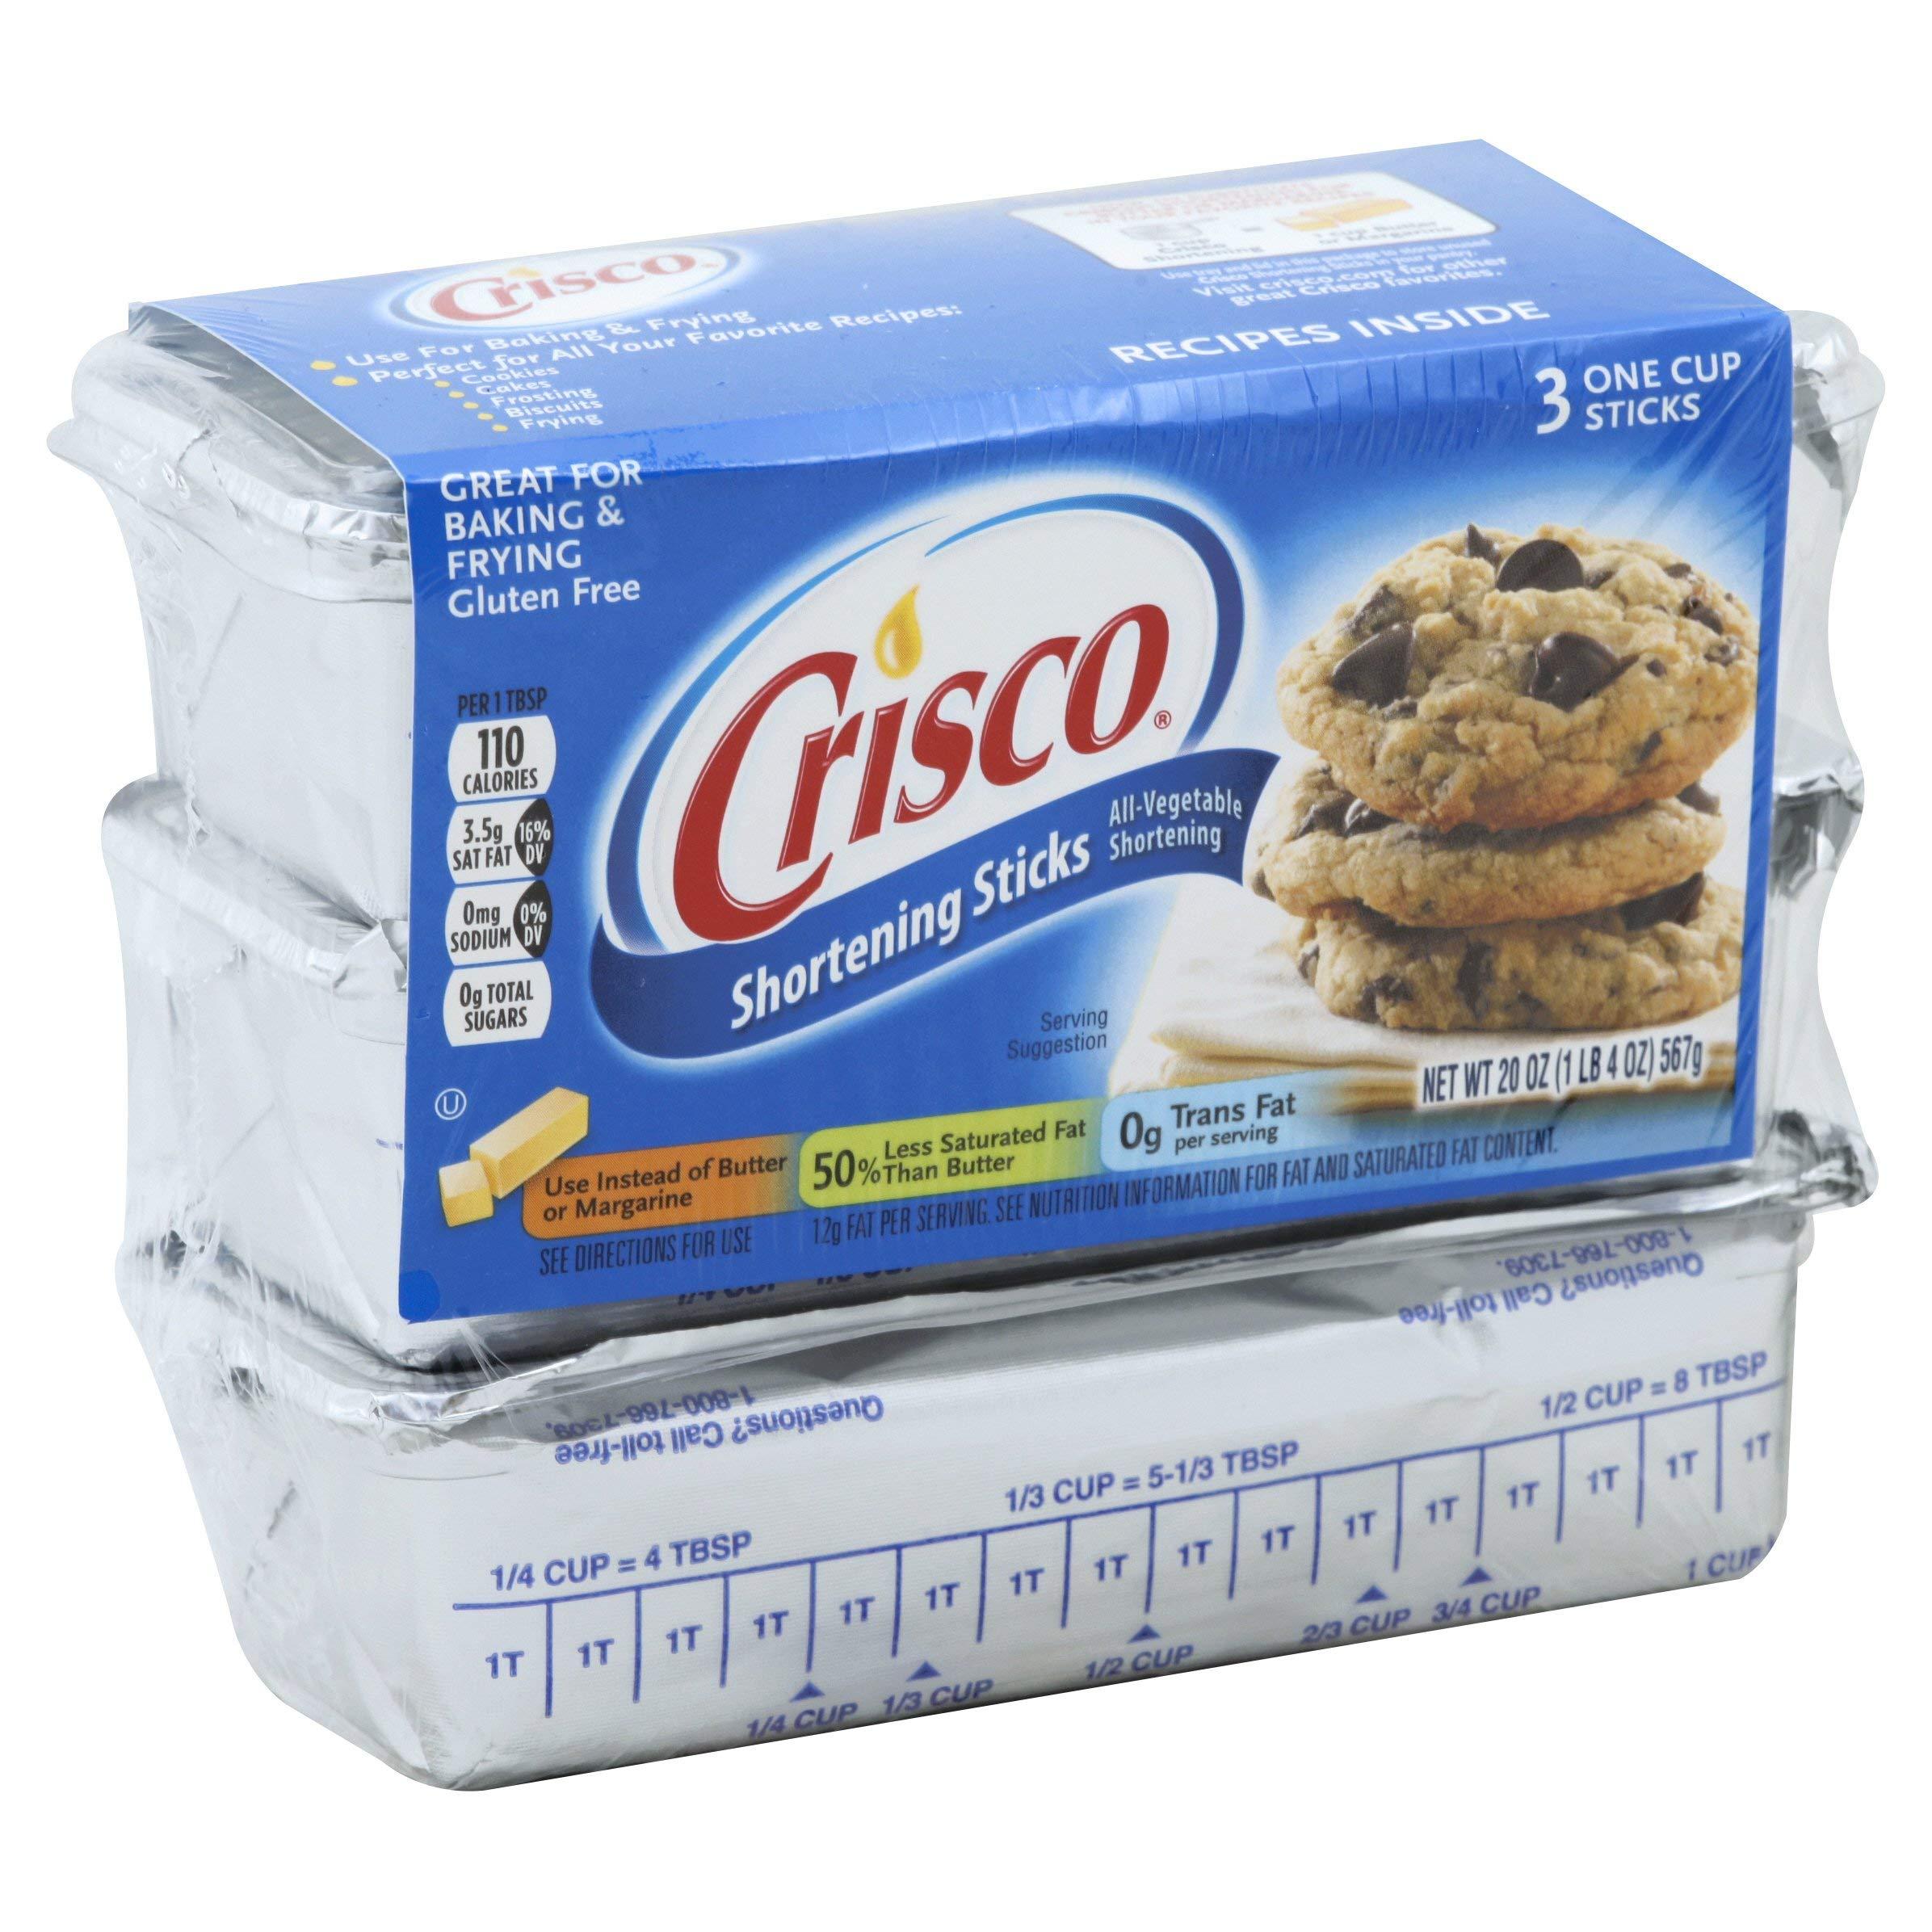 Crisco All-Vegetable Shortening Baking Sticks, 20 Ounces, 12 Count by Crisco